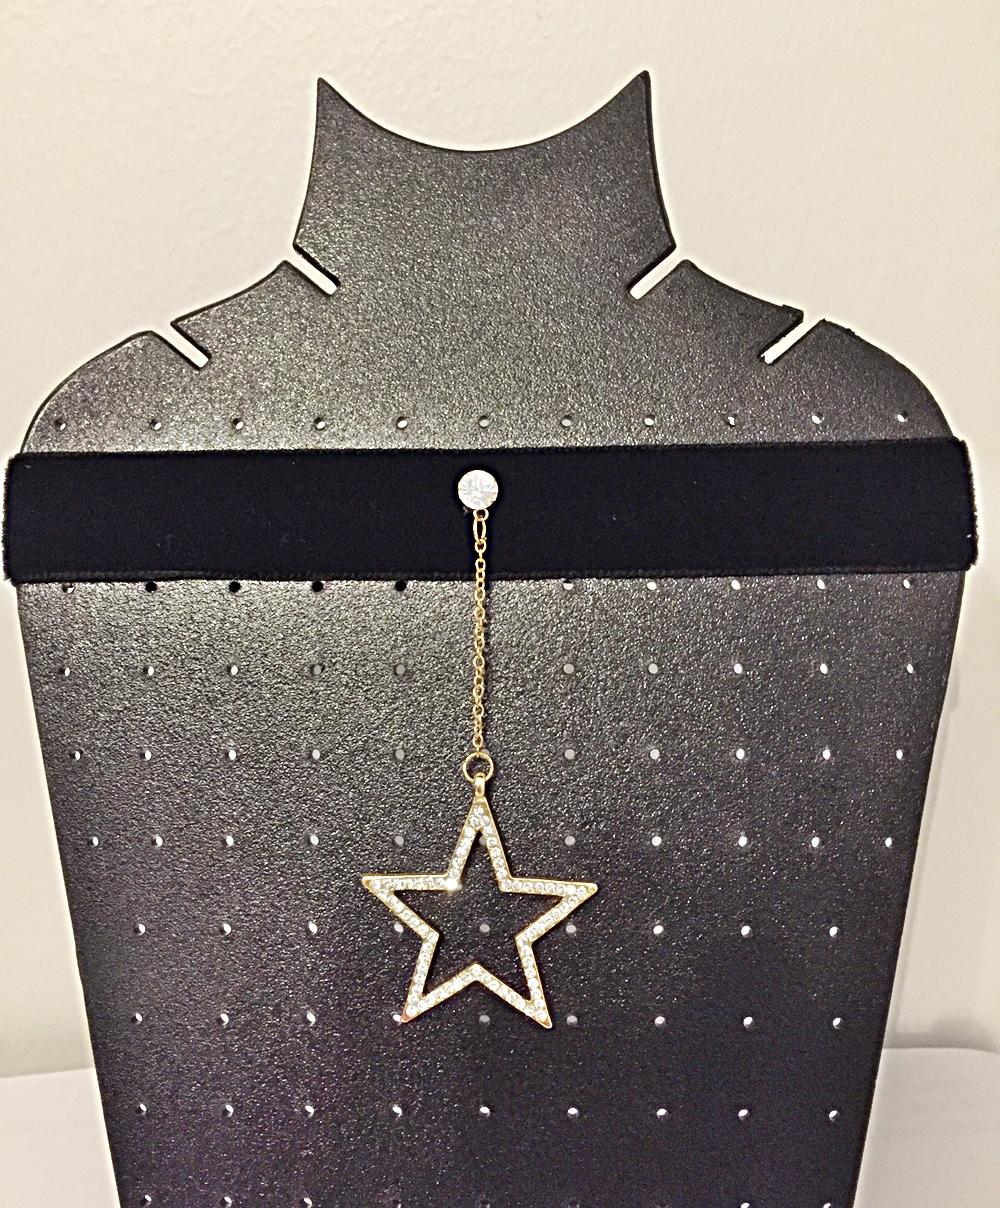 โชคเเกอร์กำมะหยี่สีดำ ขนาดกว้าง 2 นิ้ว พร้อมจี้รูปดาวประดับเพชร งานสวยมาก